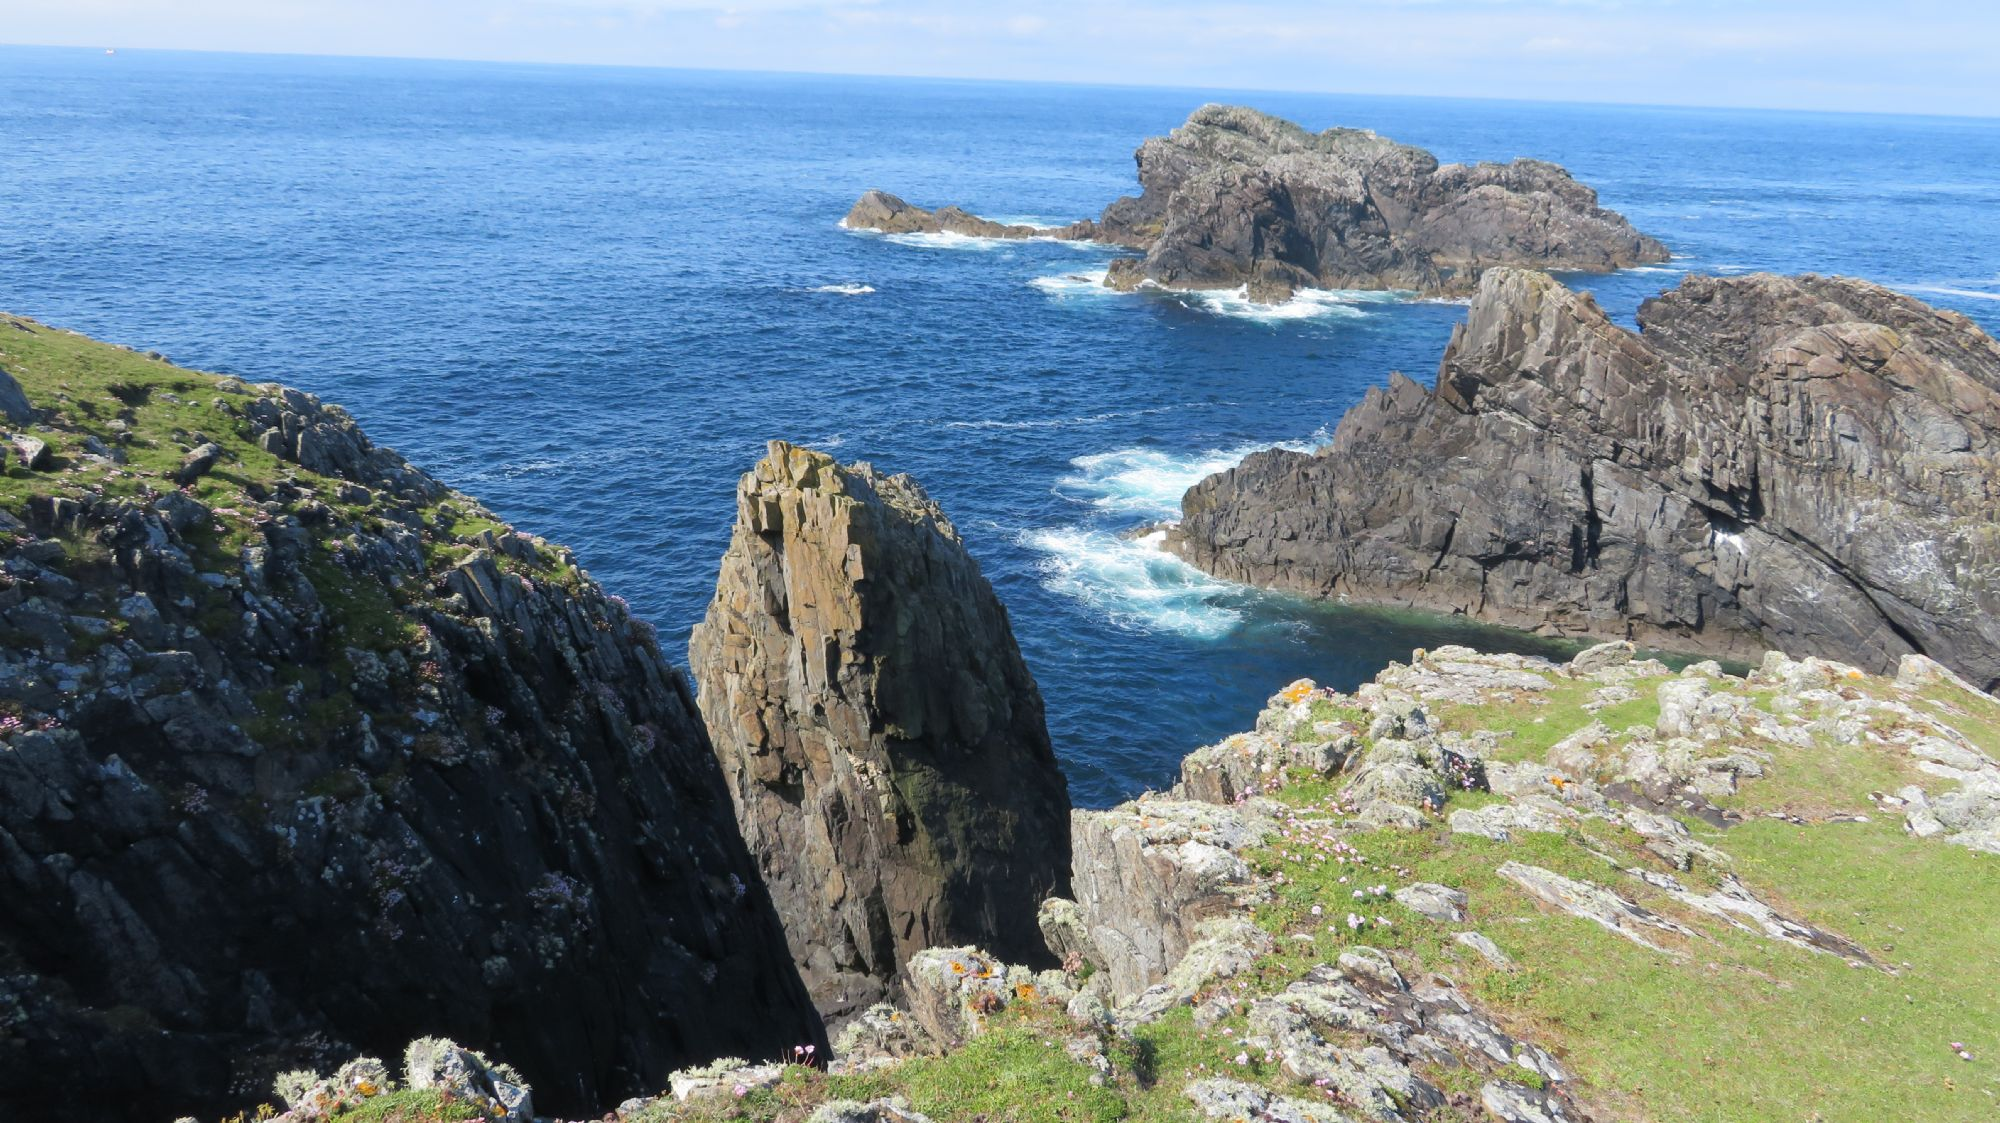 The Atlantic Ocean ....